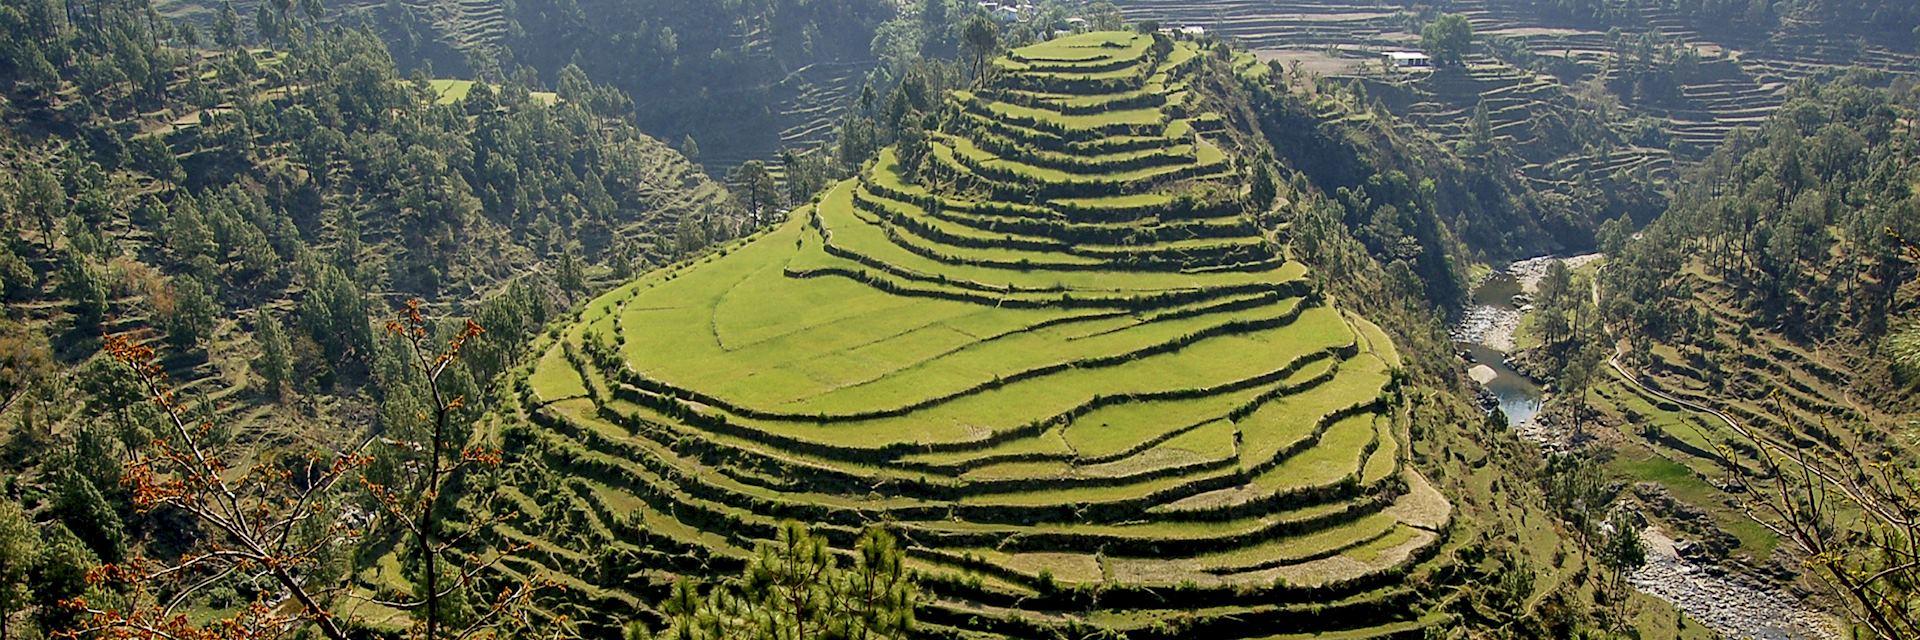 Rice terraces in Almora